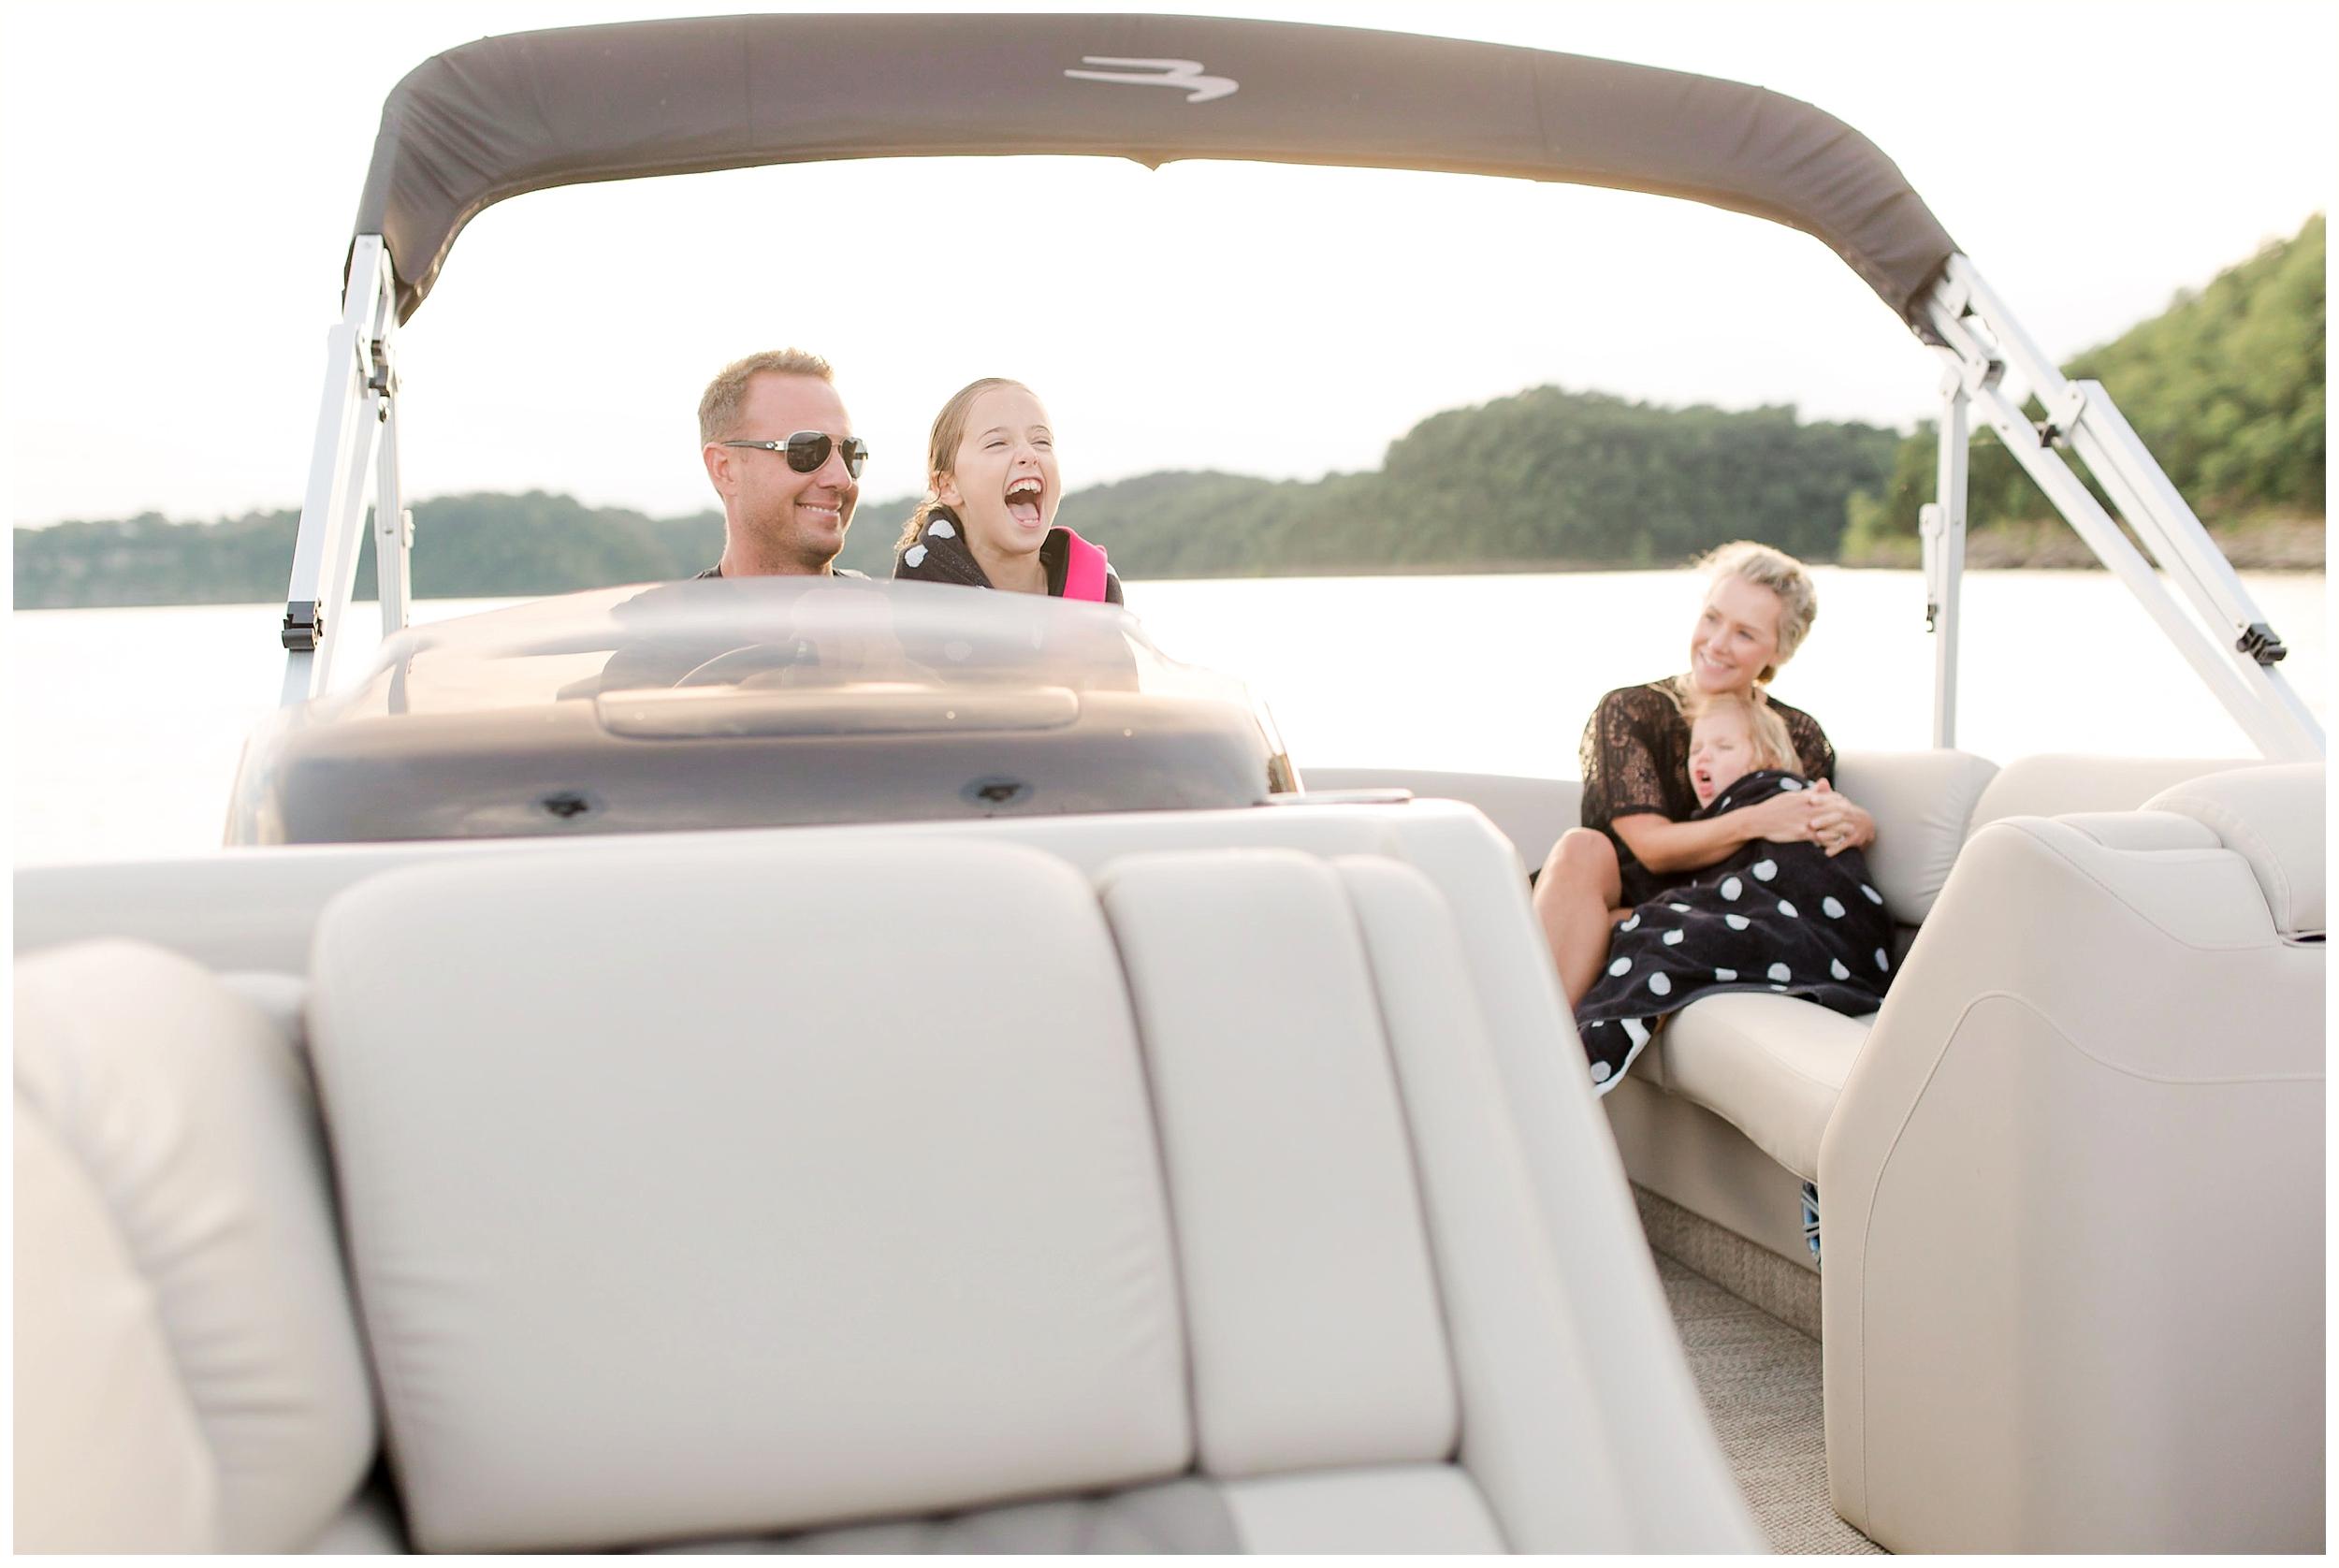 lexington-ky-family-lifestyle-photos-by-priscilla-baierlein_1277.jpg